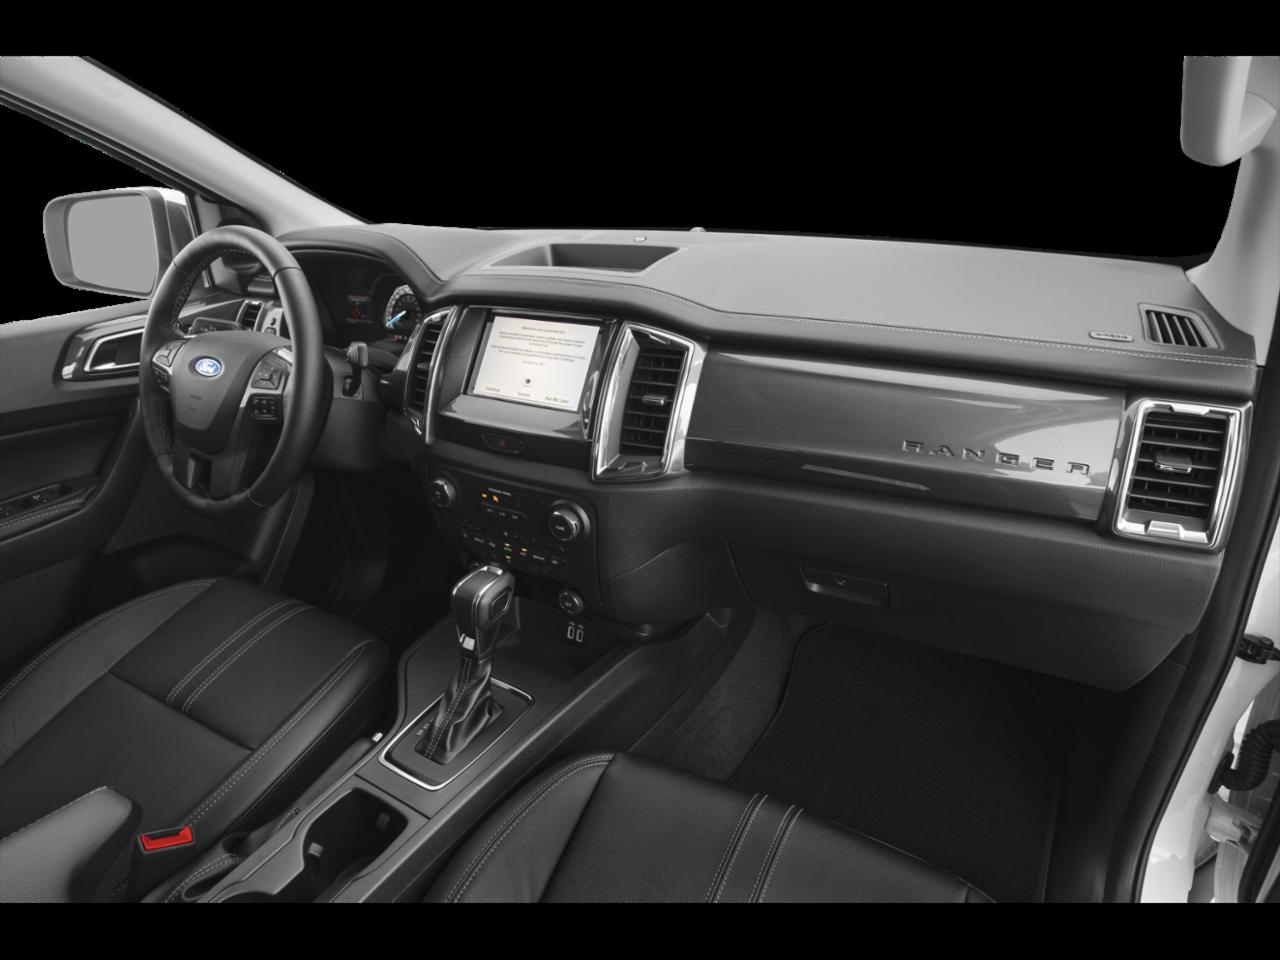 image-14 2020 Ford RANGER